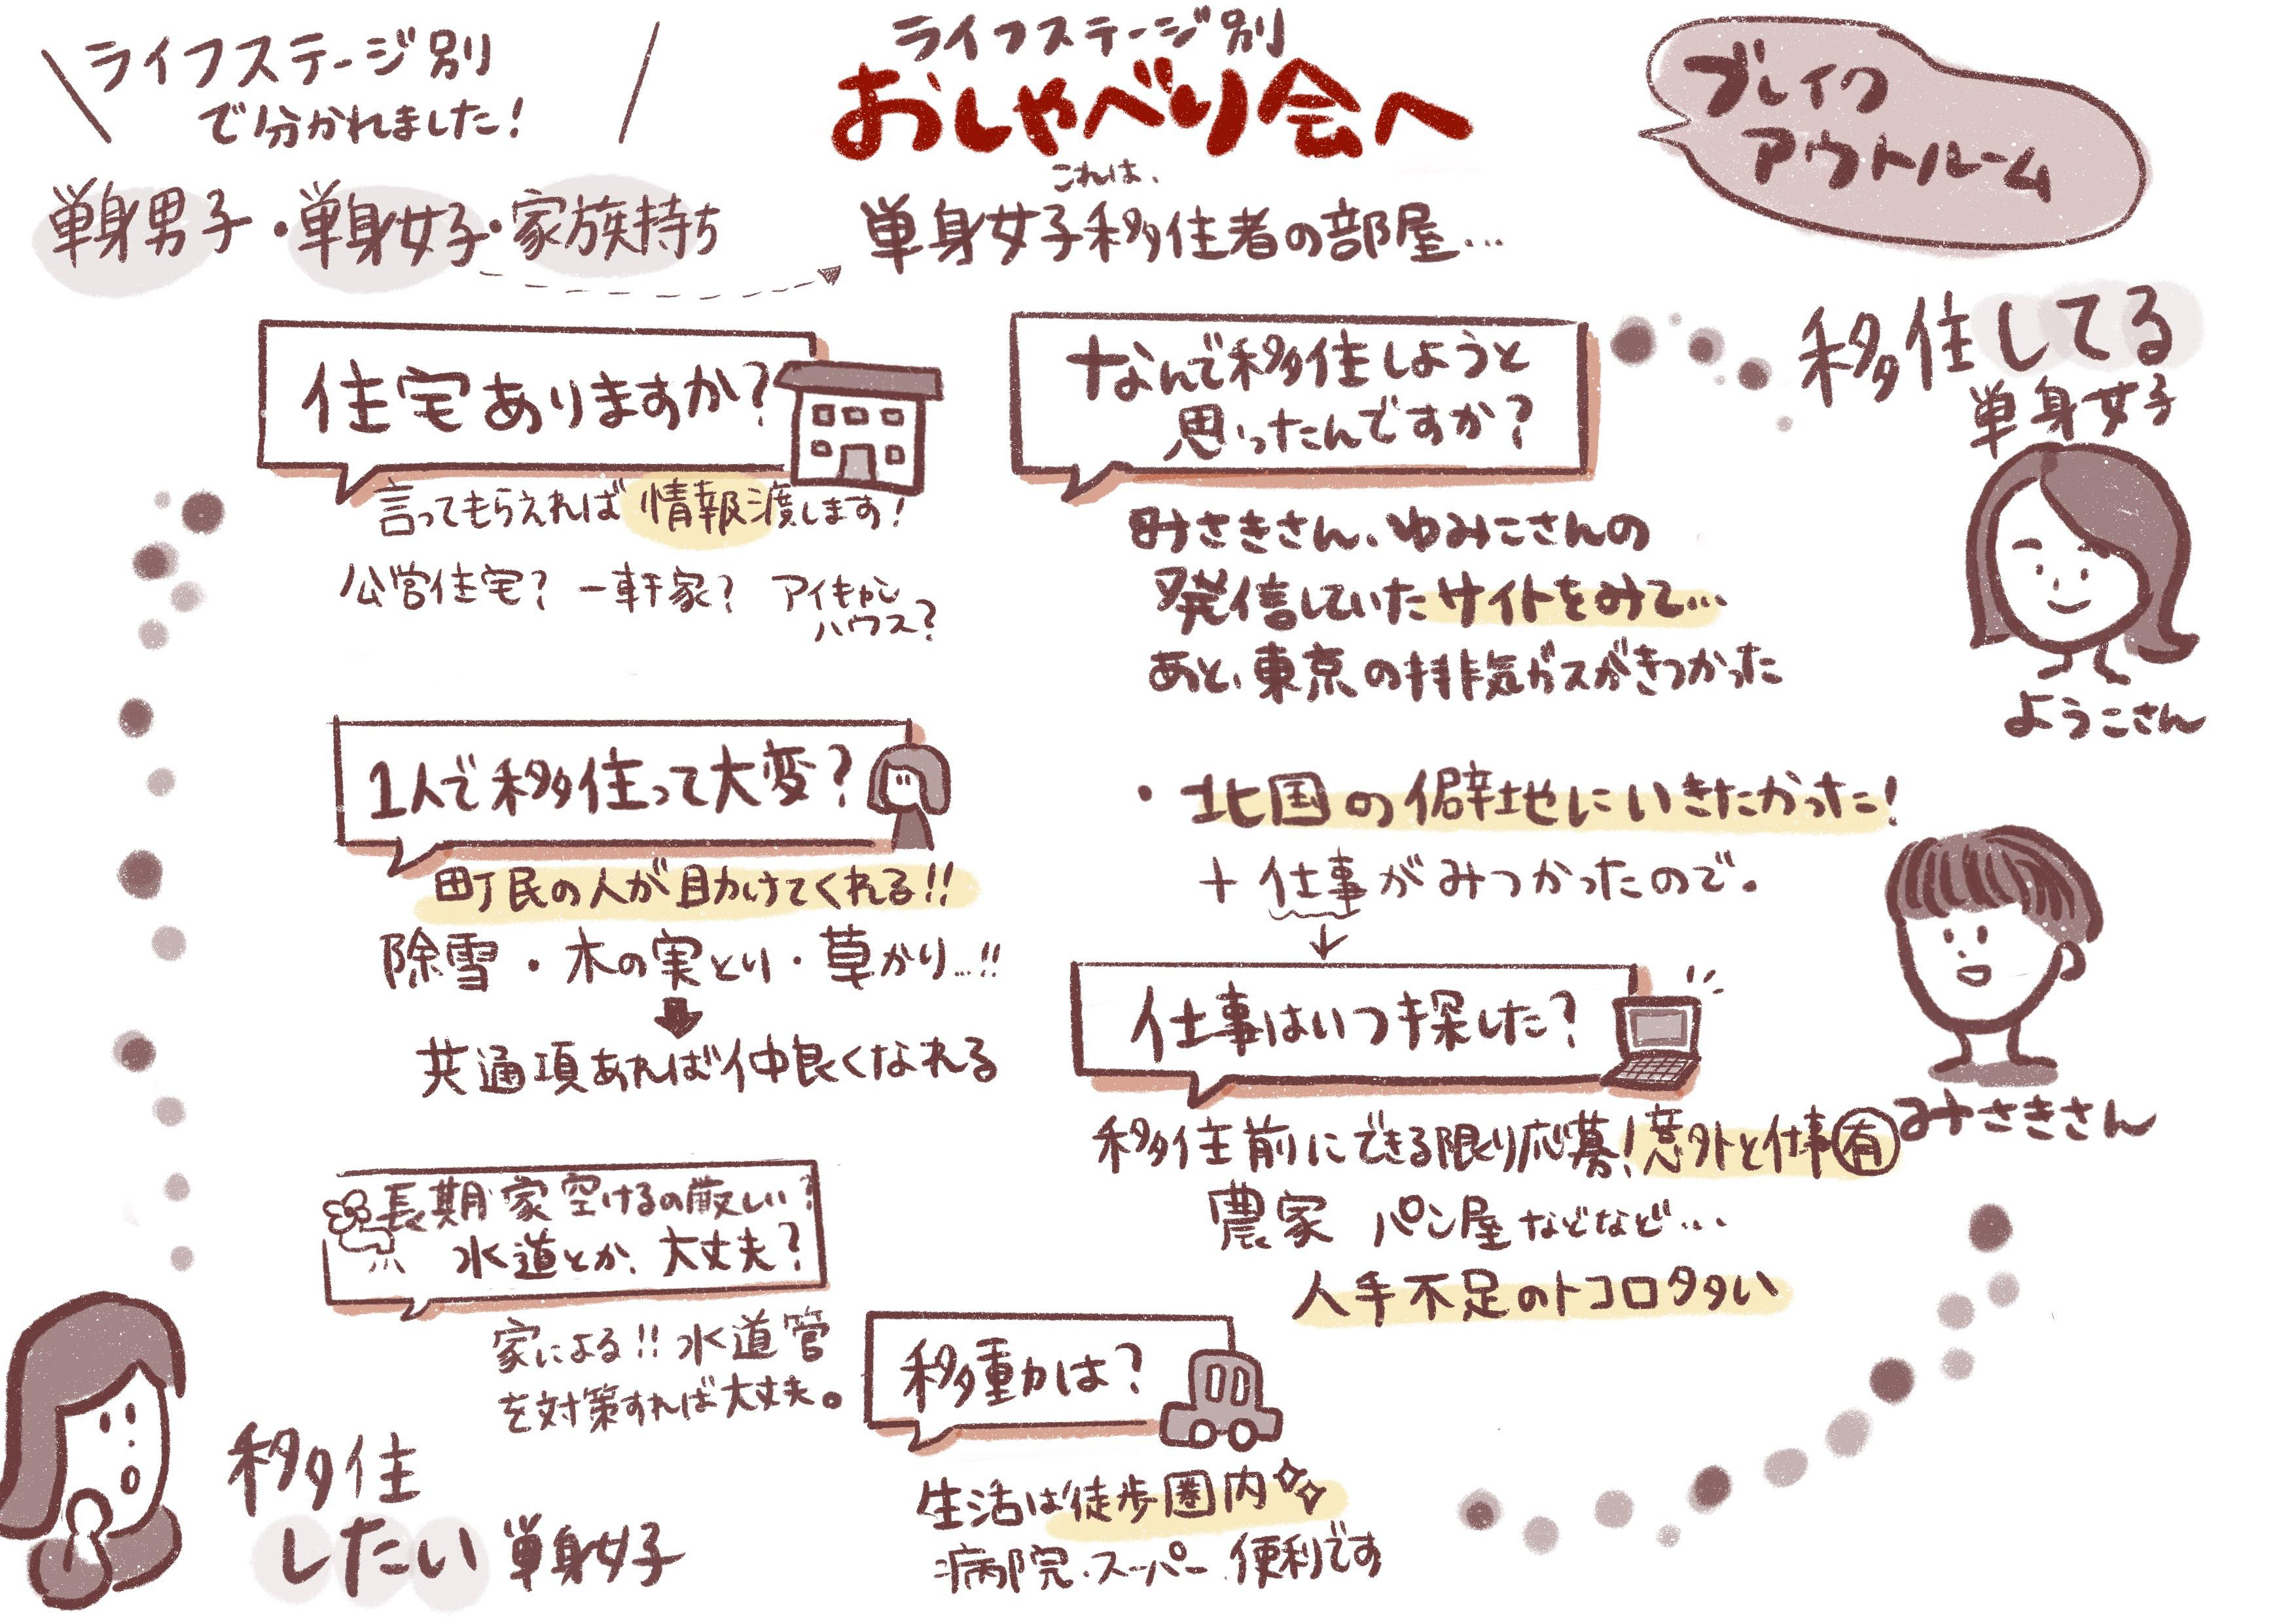 2020年10月18日下川町イベントグラレコ